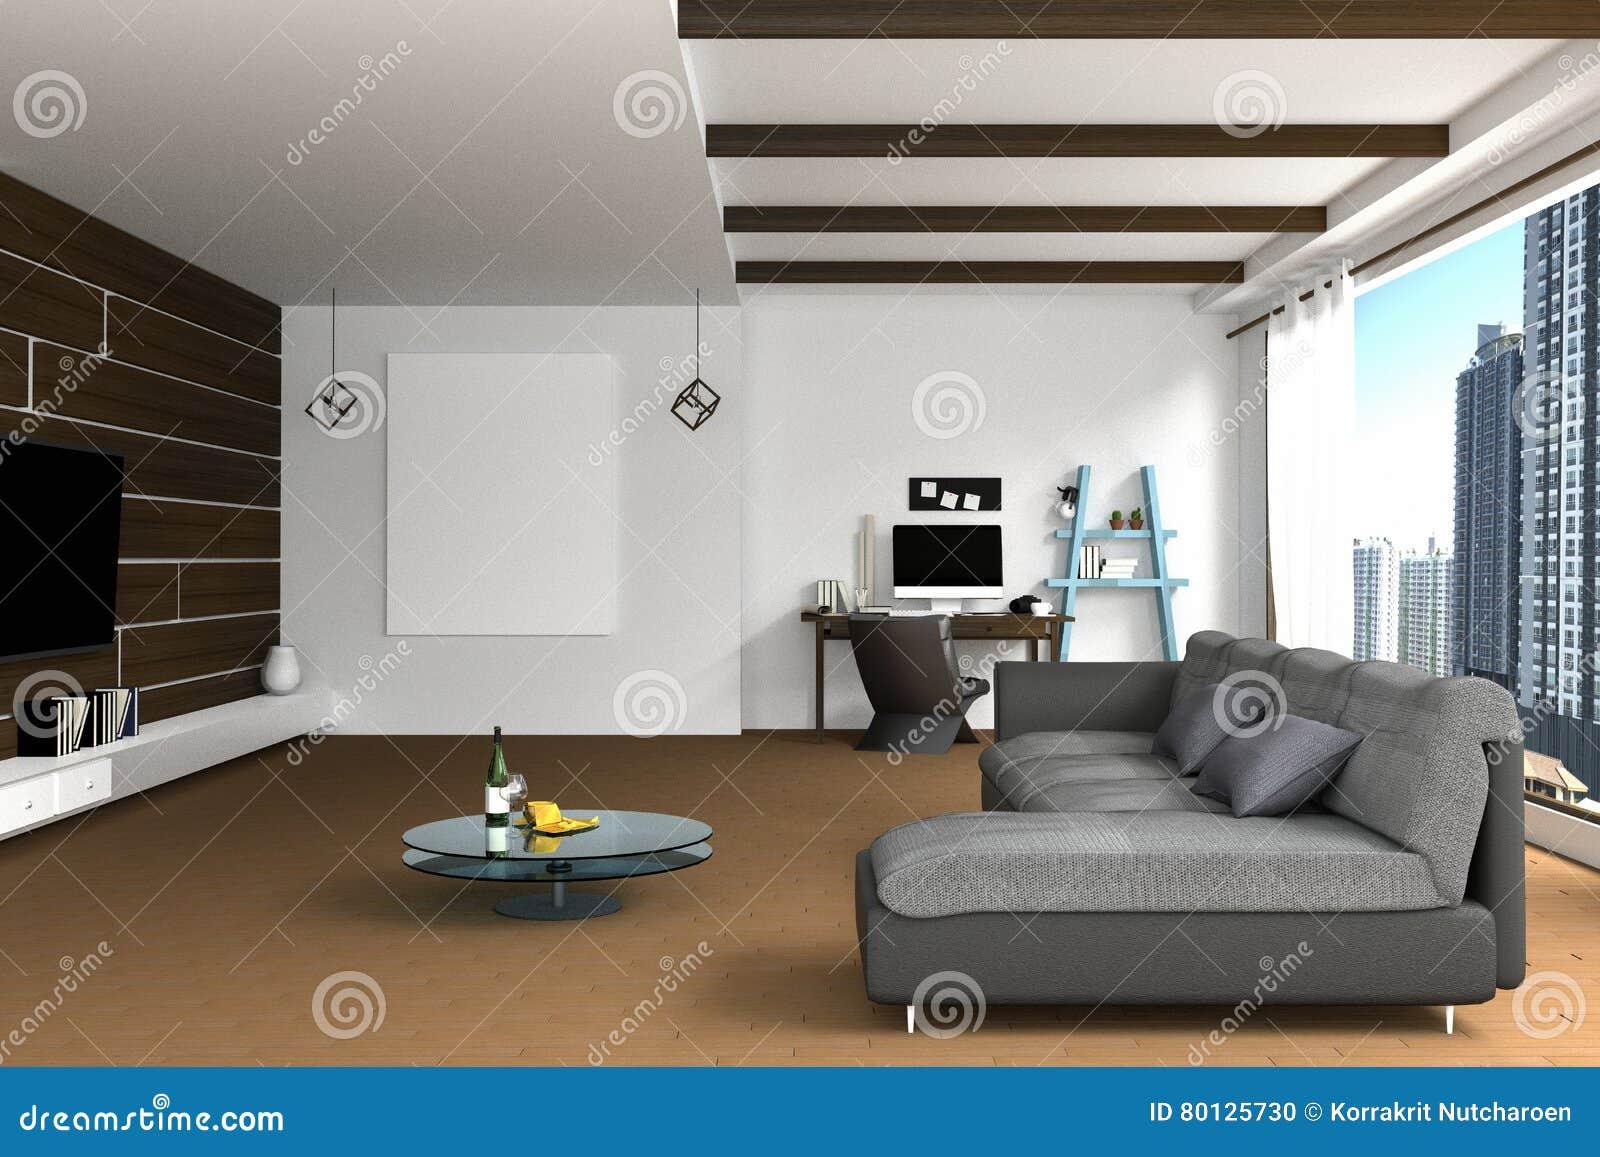 Representación 3D: Ejemplo Del Diseño Interior De La Sala De Estar ...